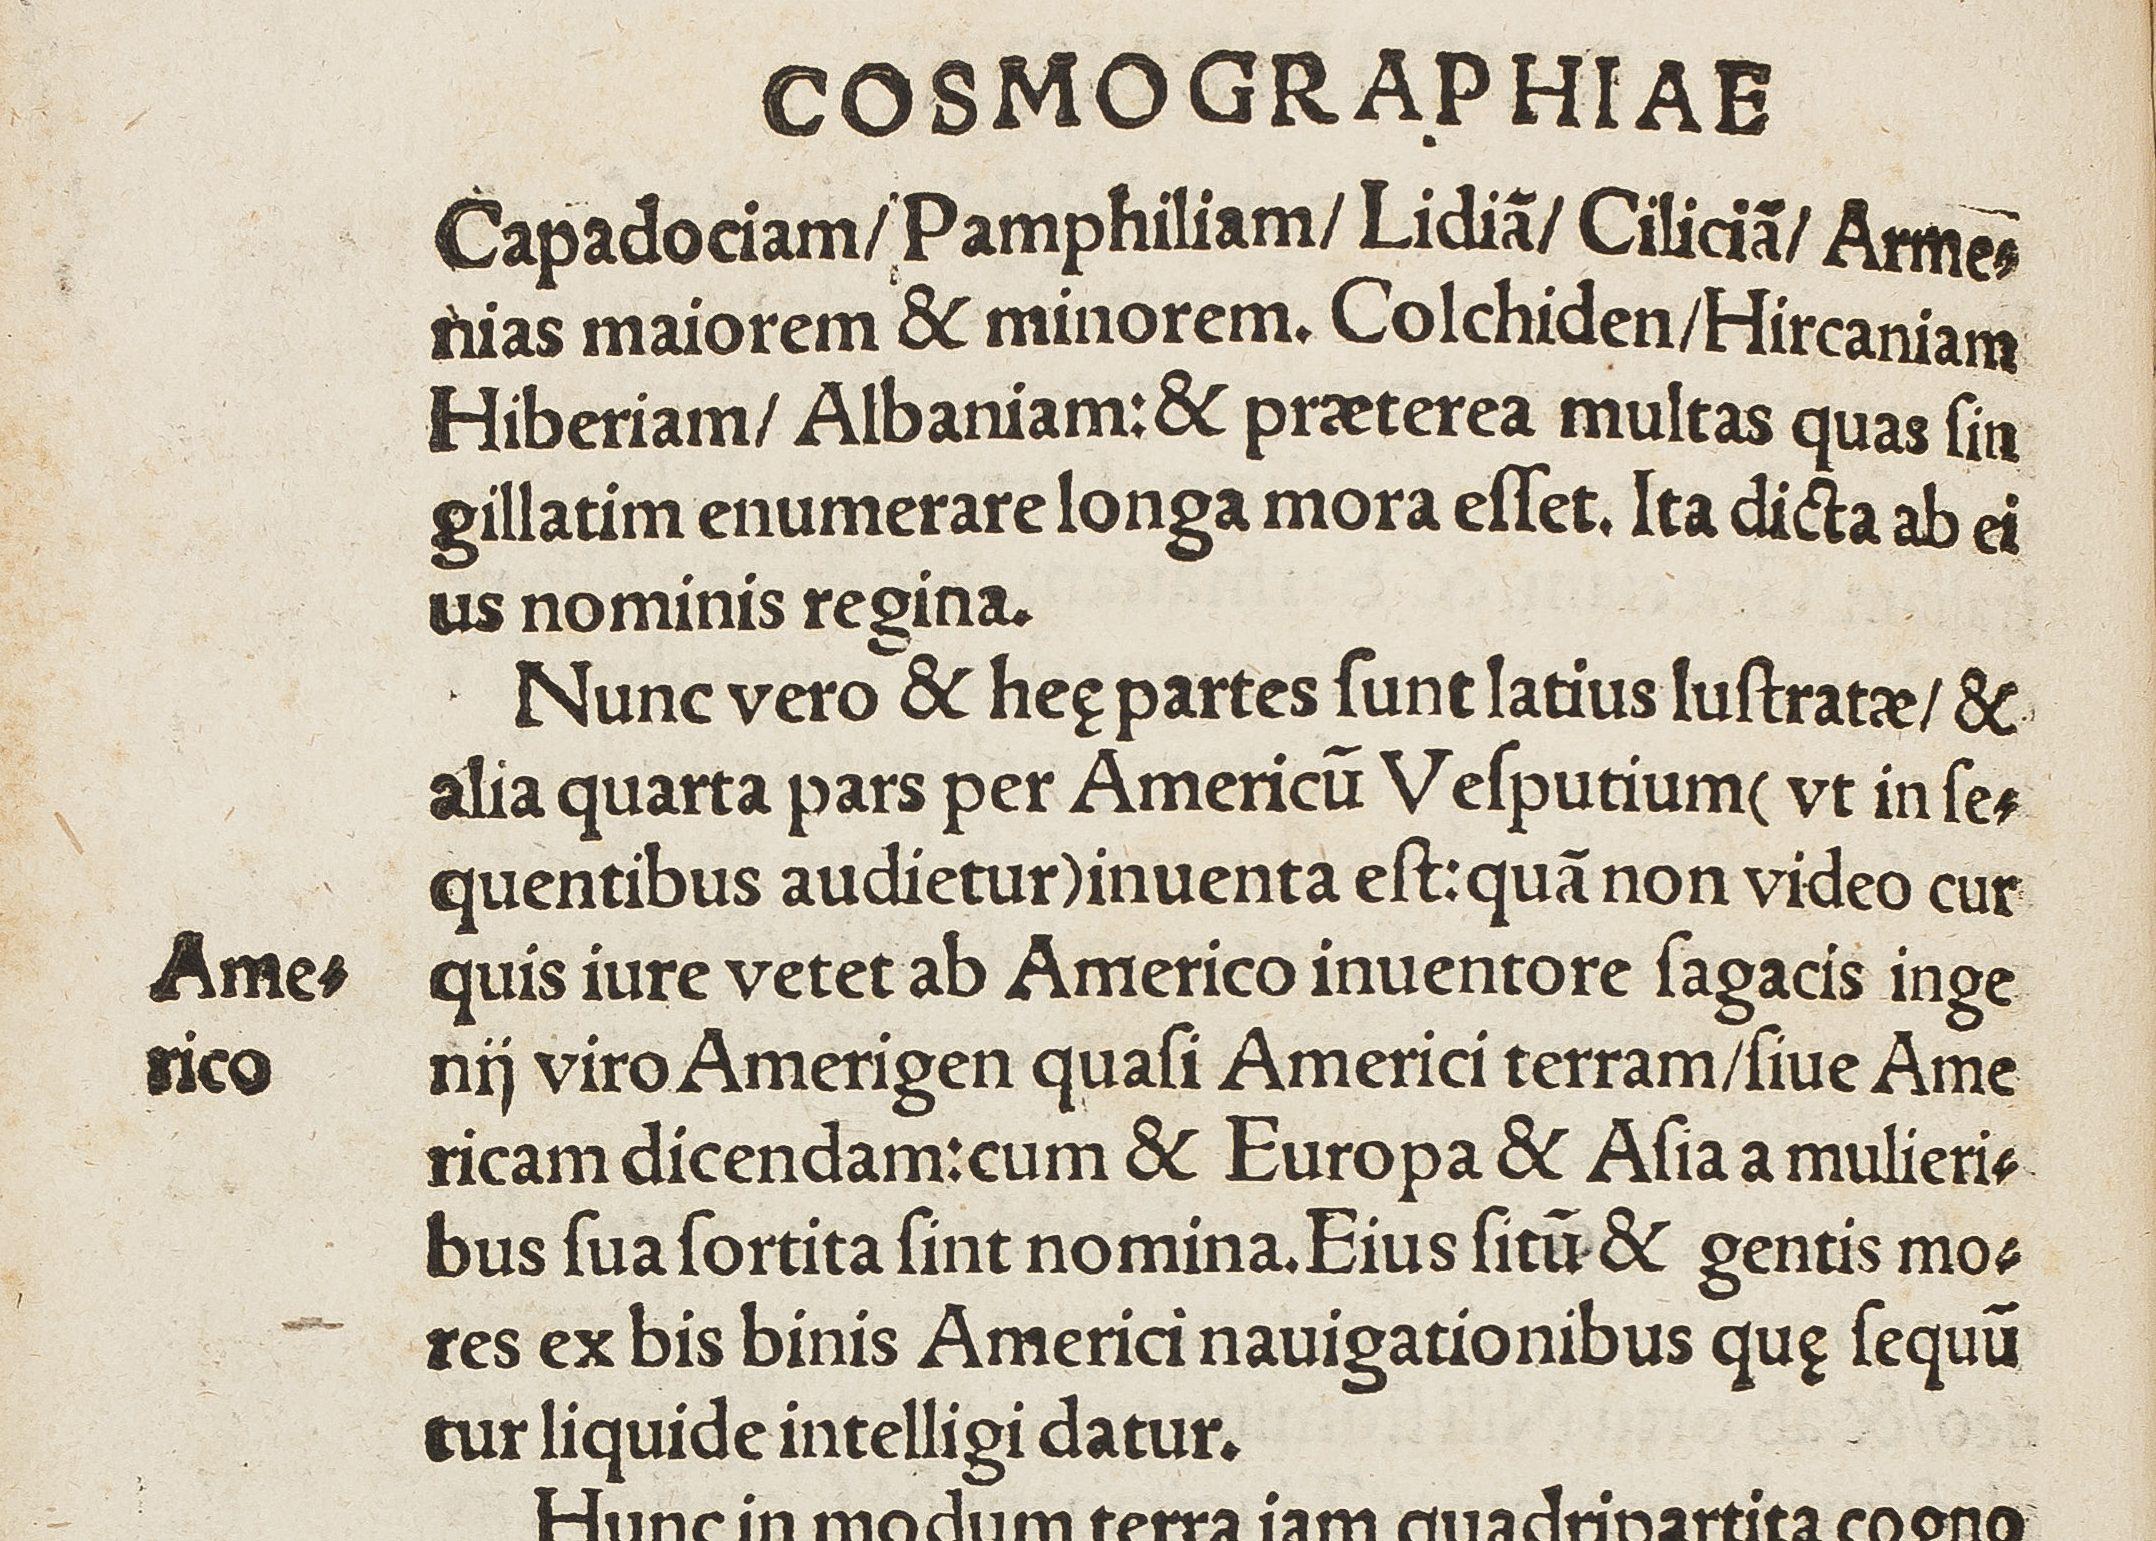 Première mention de nom Amérique dans la Cosmographie de Waldseemüller